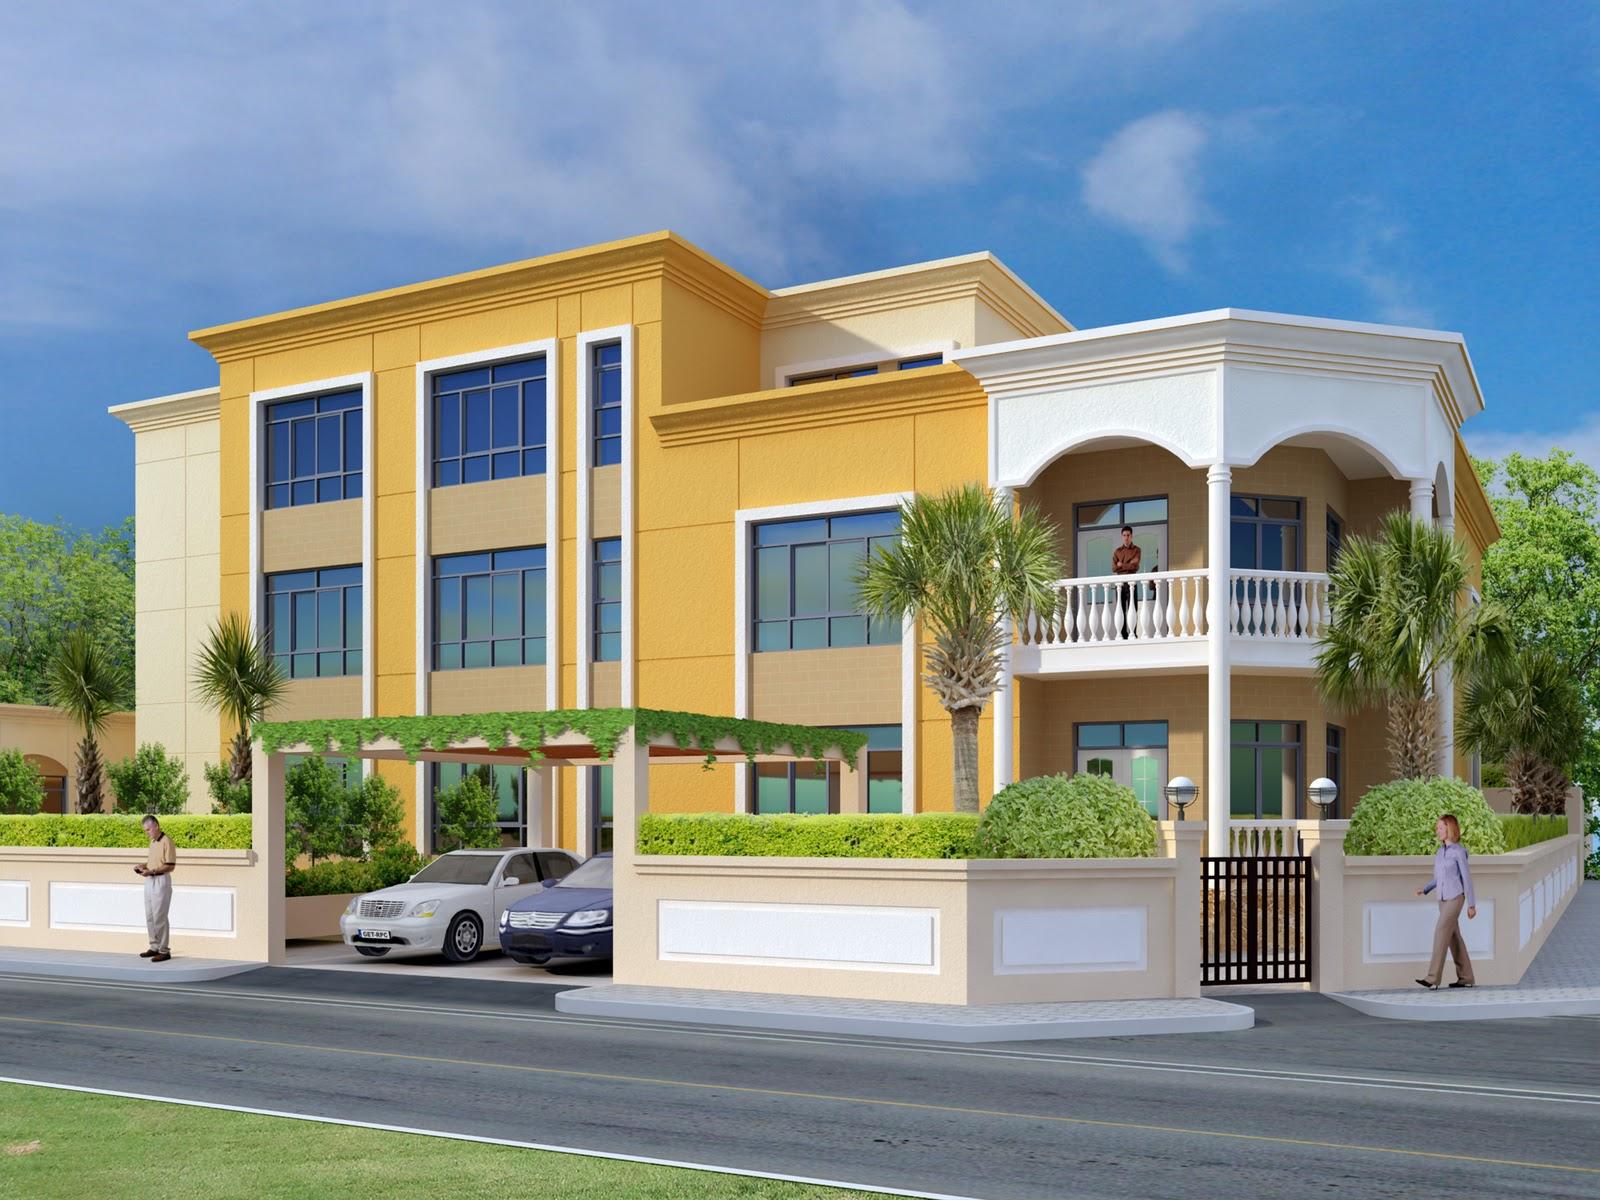 Front elevation models joy studio design gallery best for House front elevation models